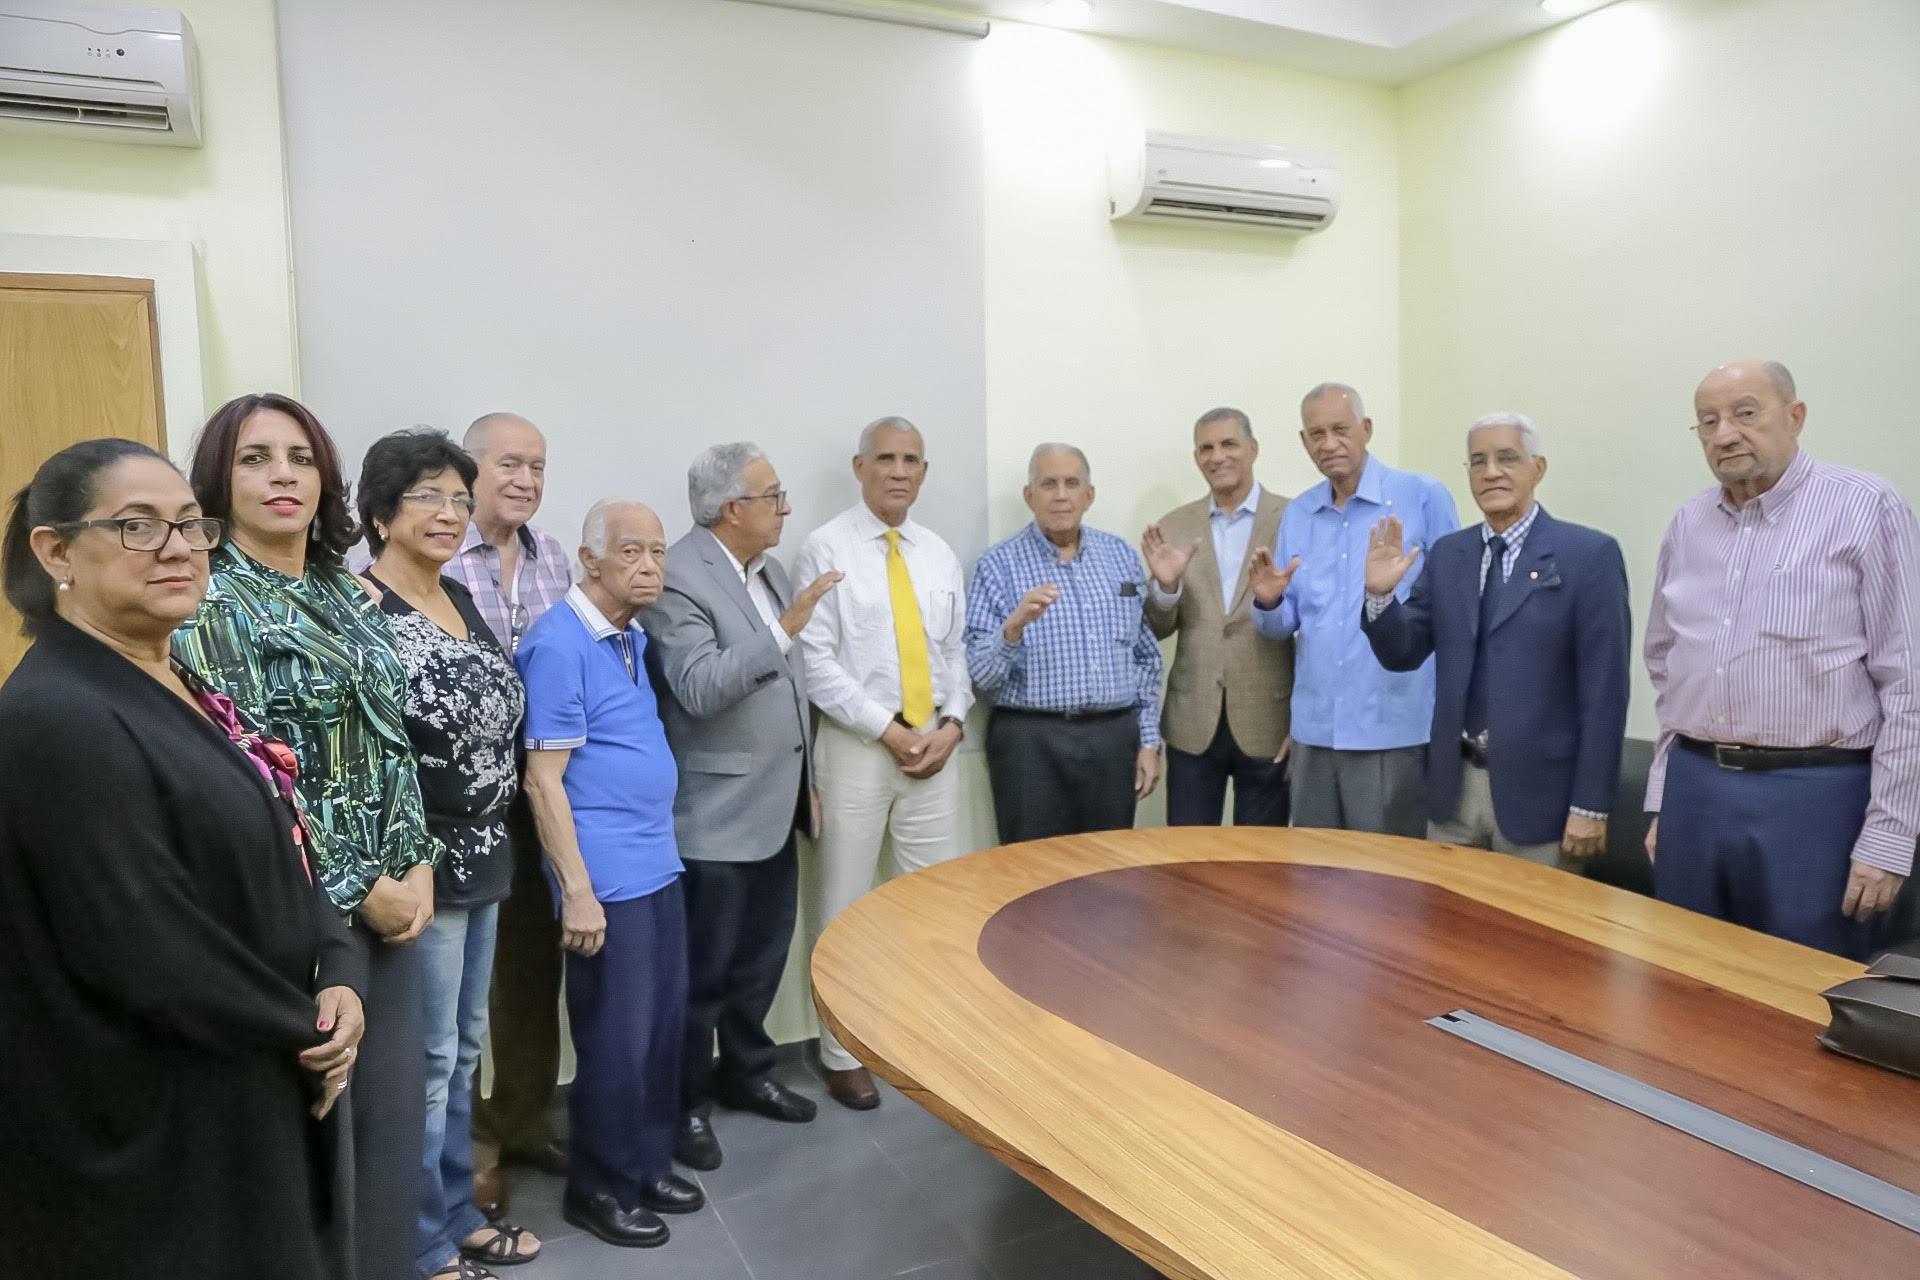 Pabellón de la fama designa miembros en el Comité de Veteranos